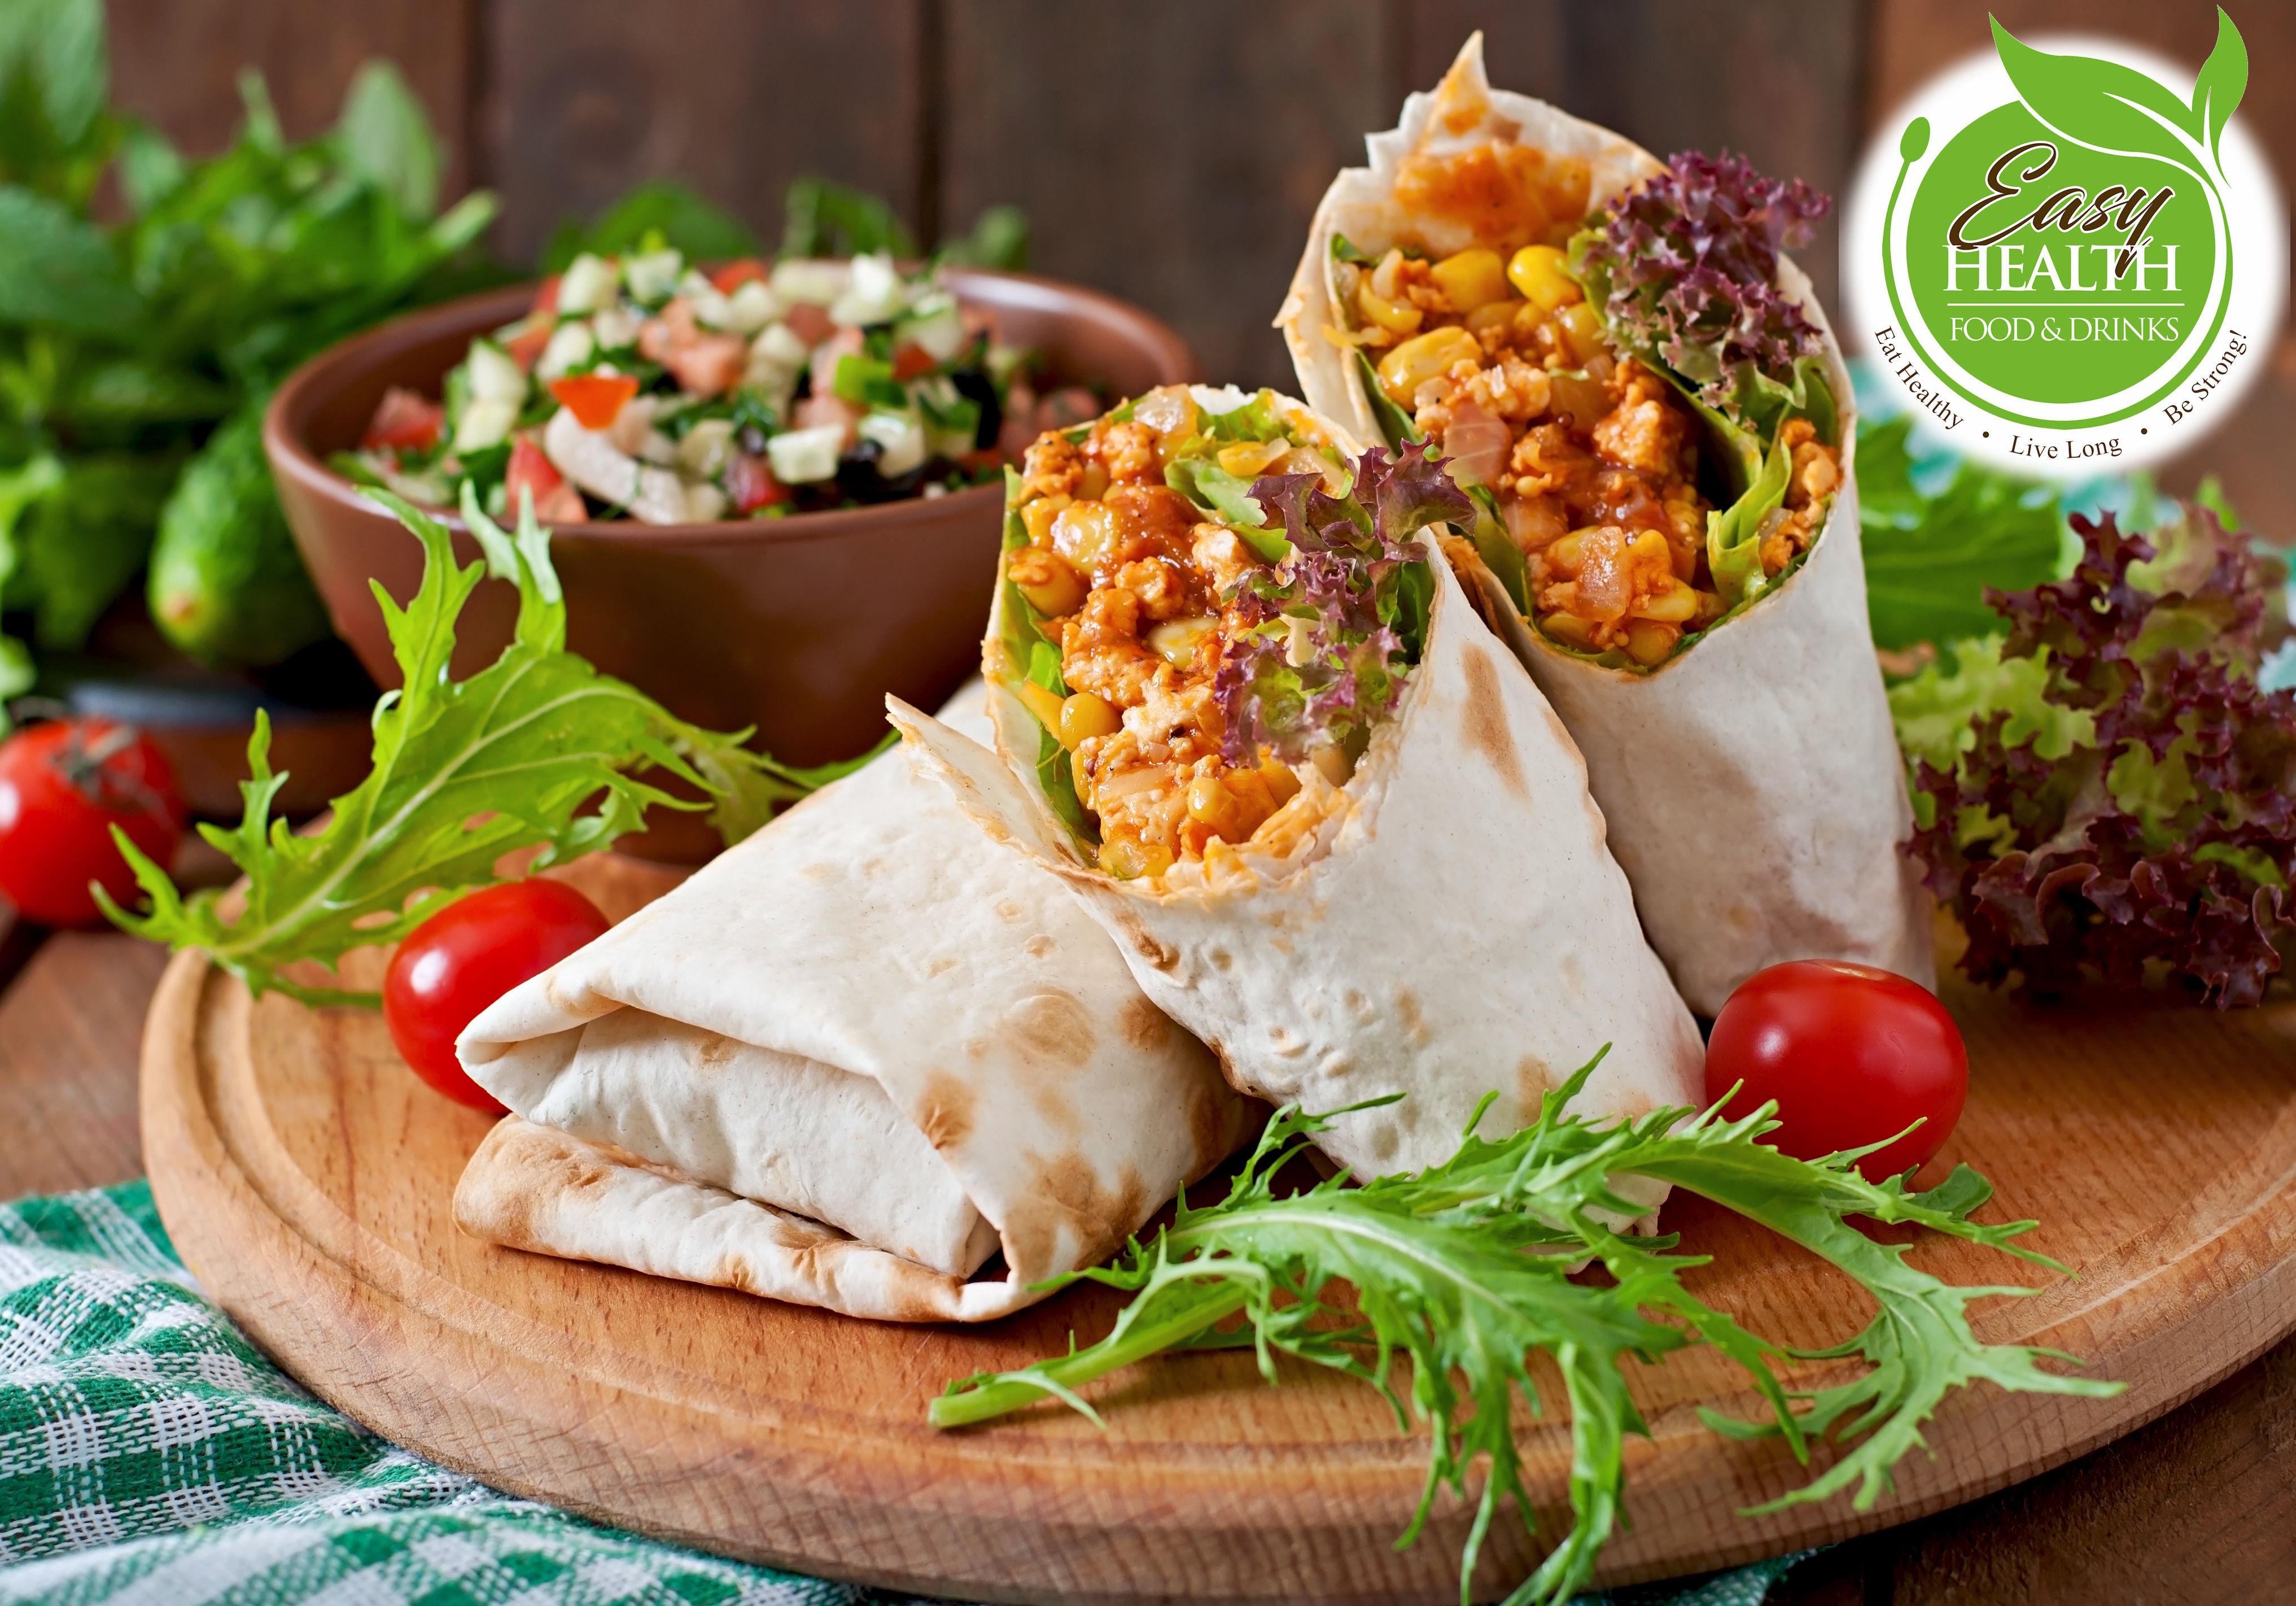 ร้านอาหาร Easy Health ร่วมกับโปรโมชั่น Foodpanda ส่งฟรีทุกรายการเมนู